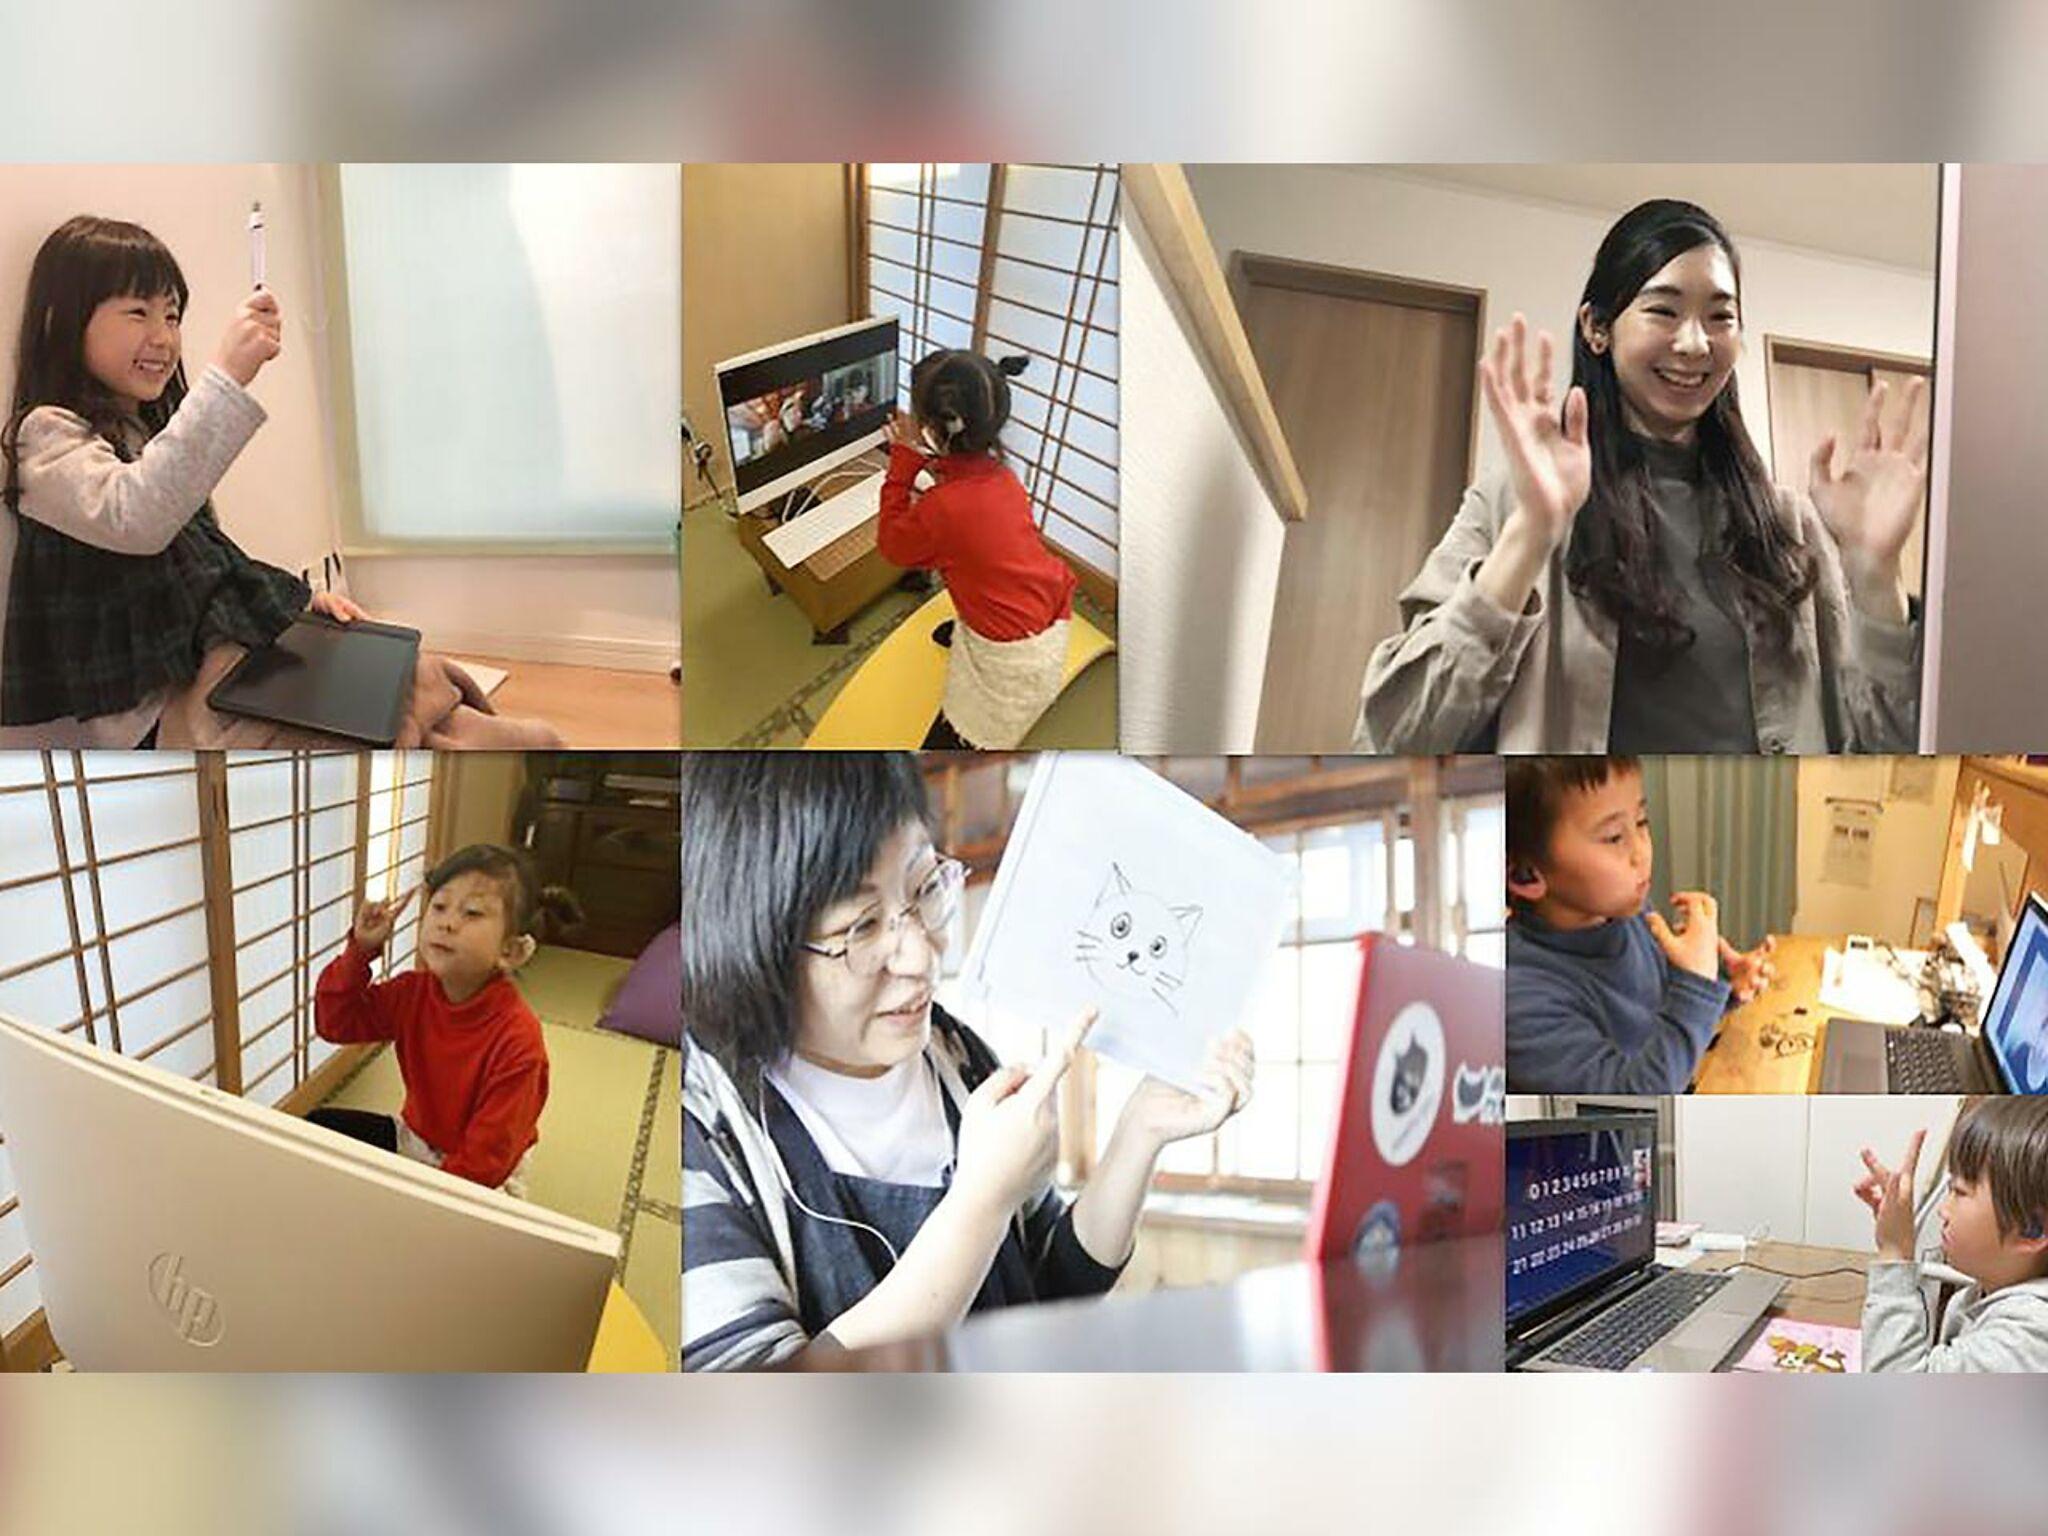 オンラインで子どもたちとコミュニケーションをとっている複数の画像